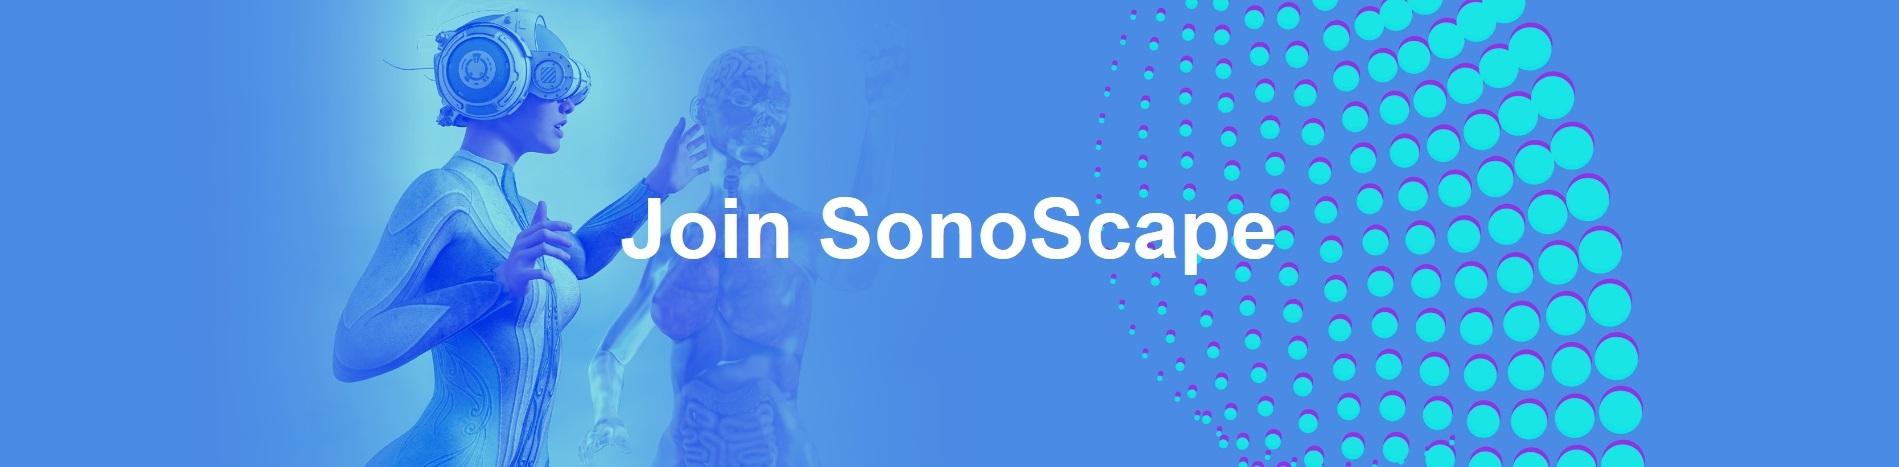 SonoScape-System